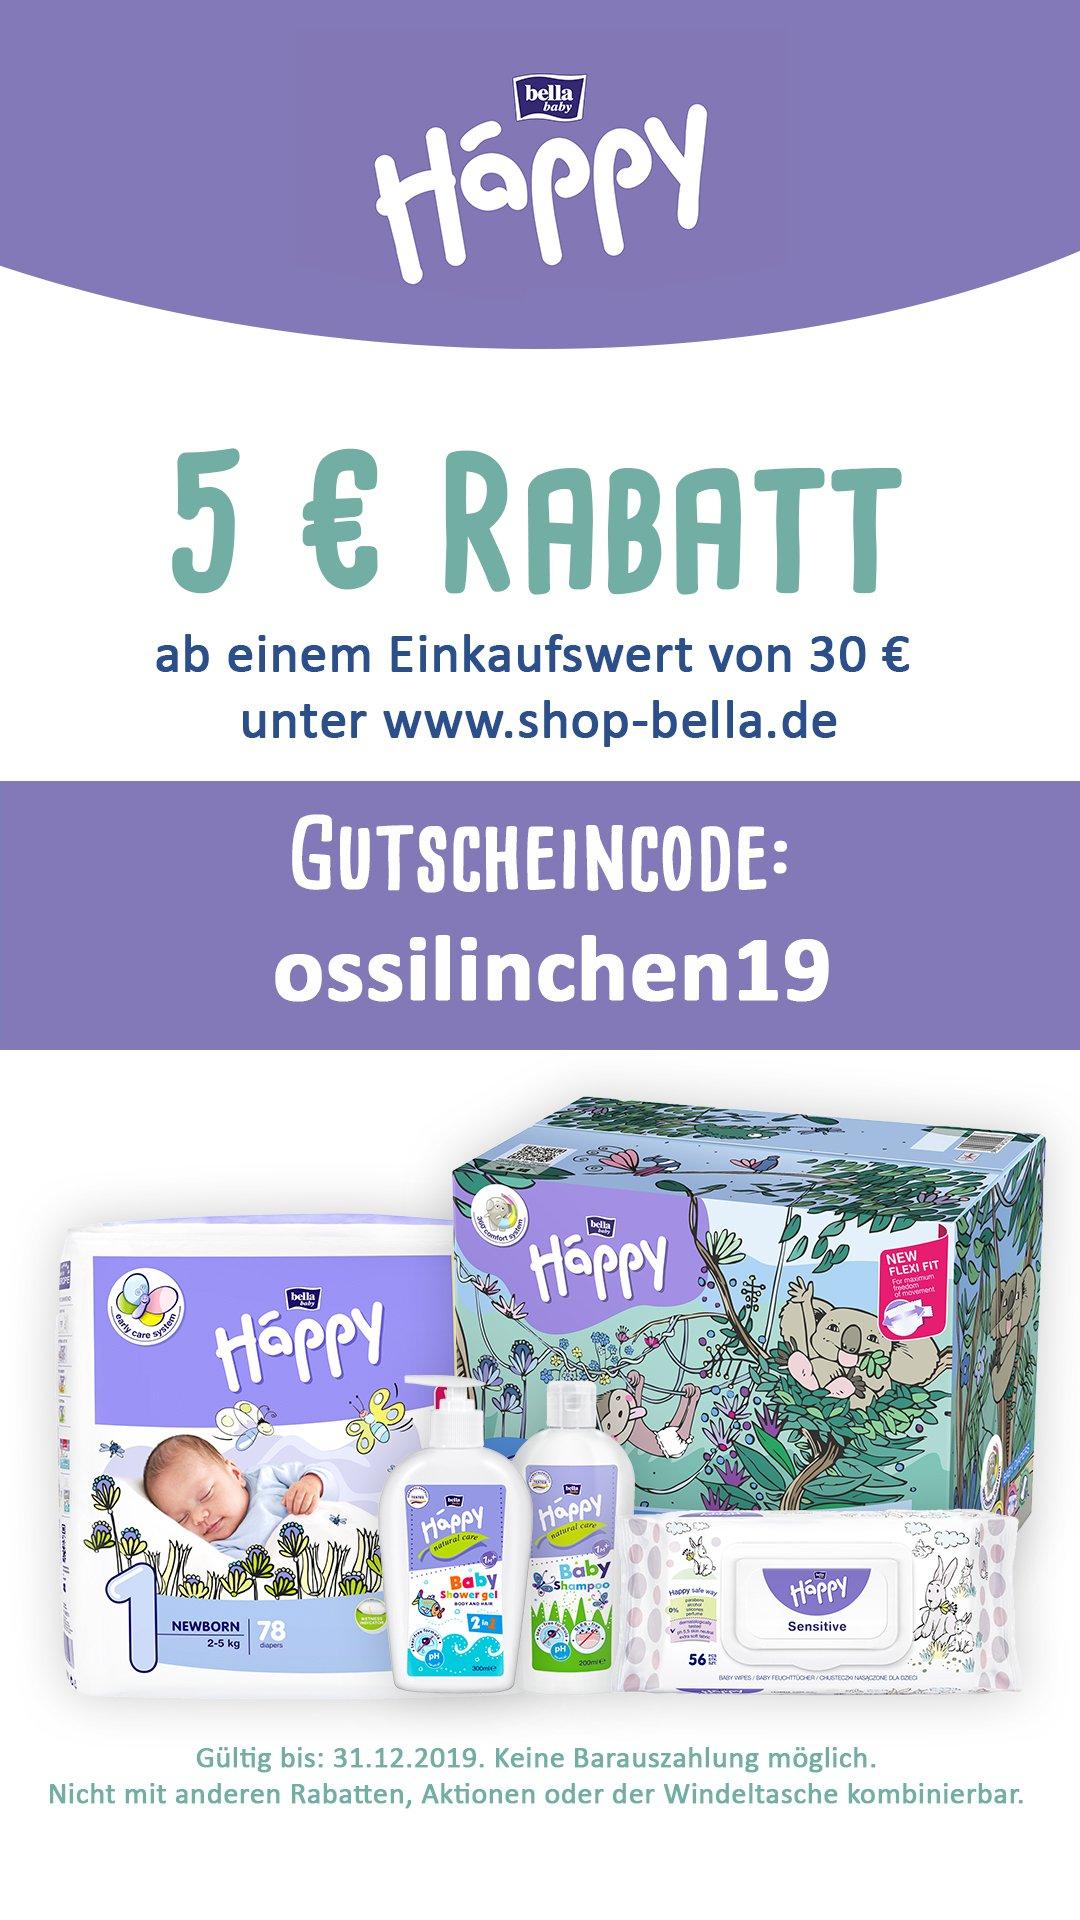 blogger_gutscheincode_ossilinchen19-33197648986394458133.jpg